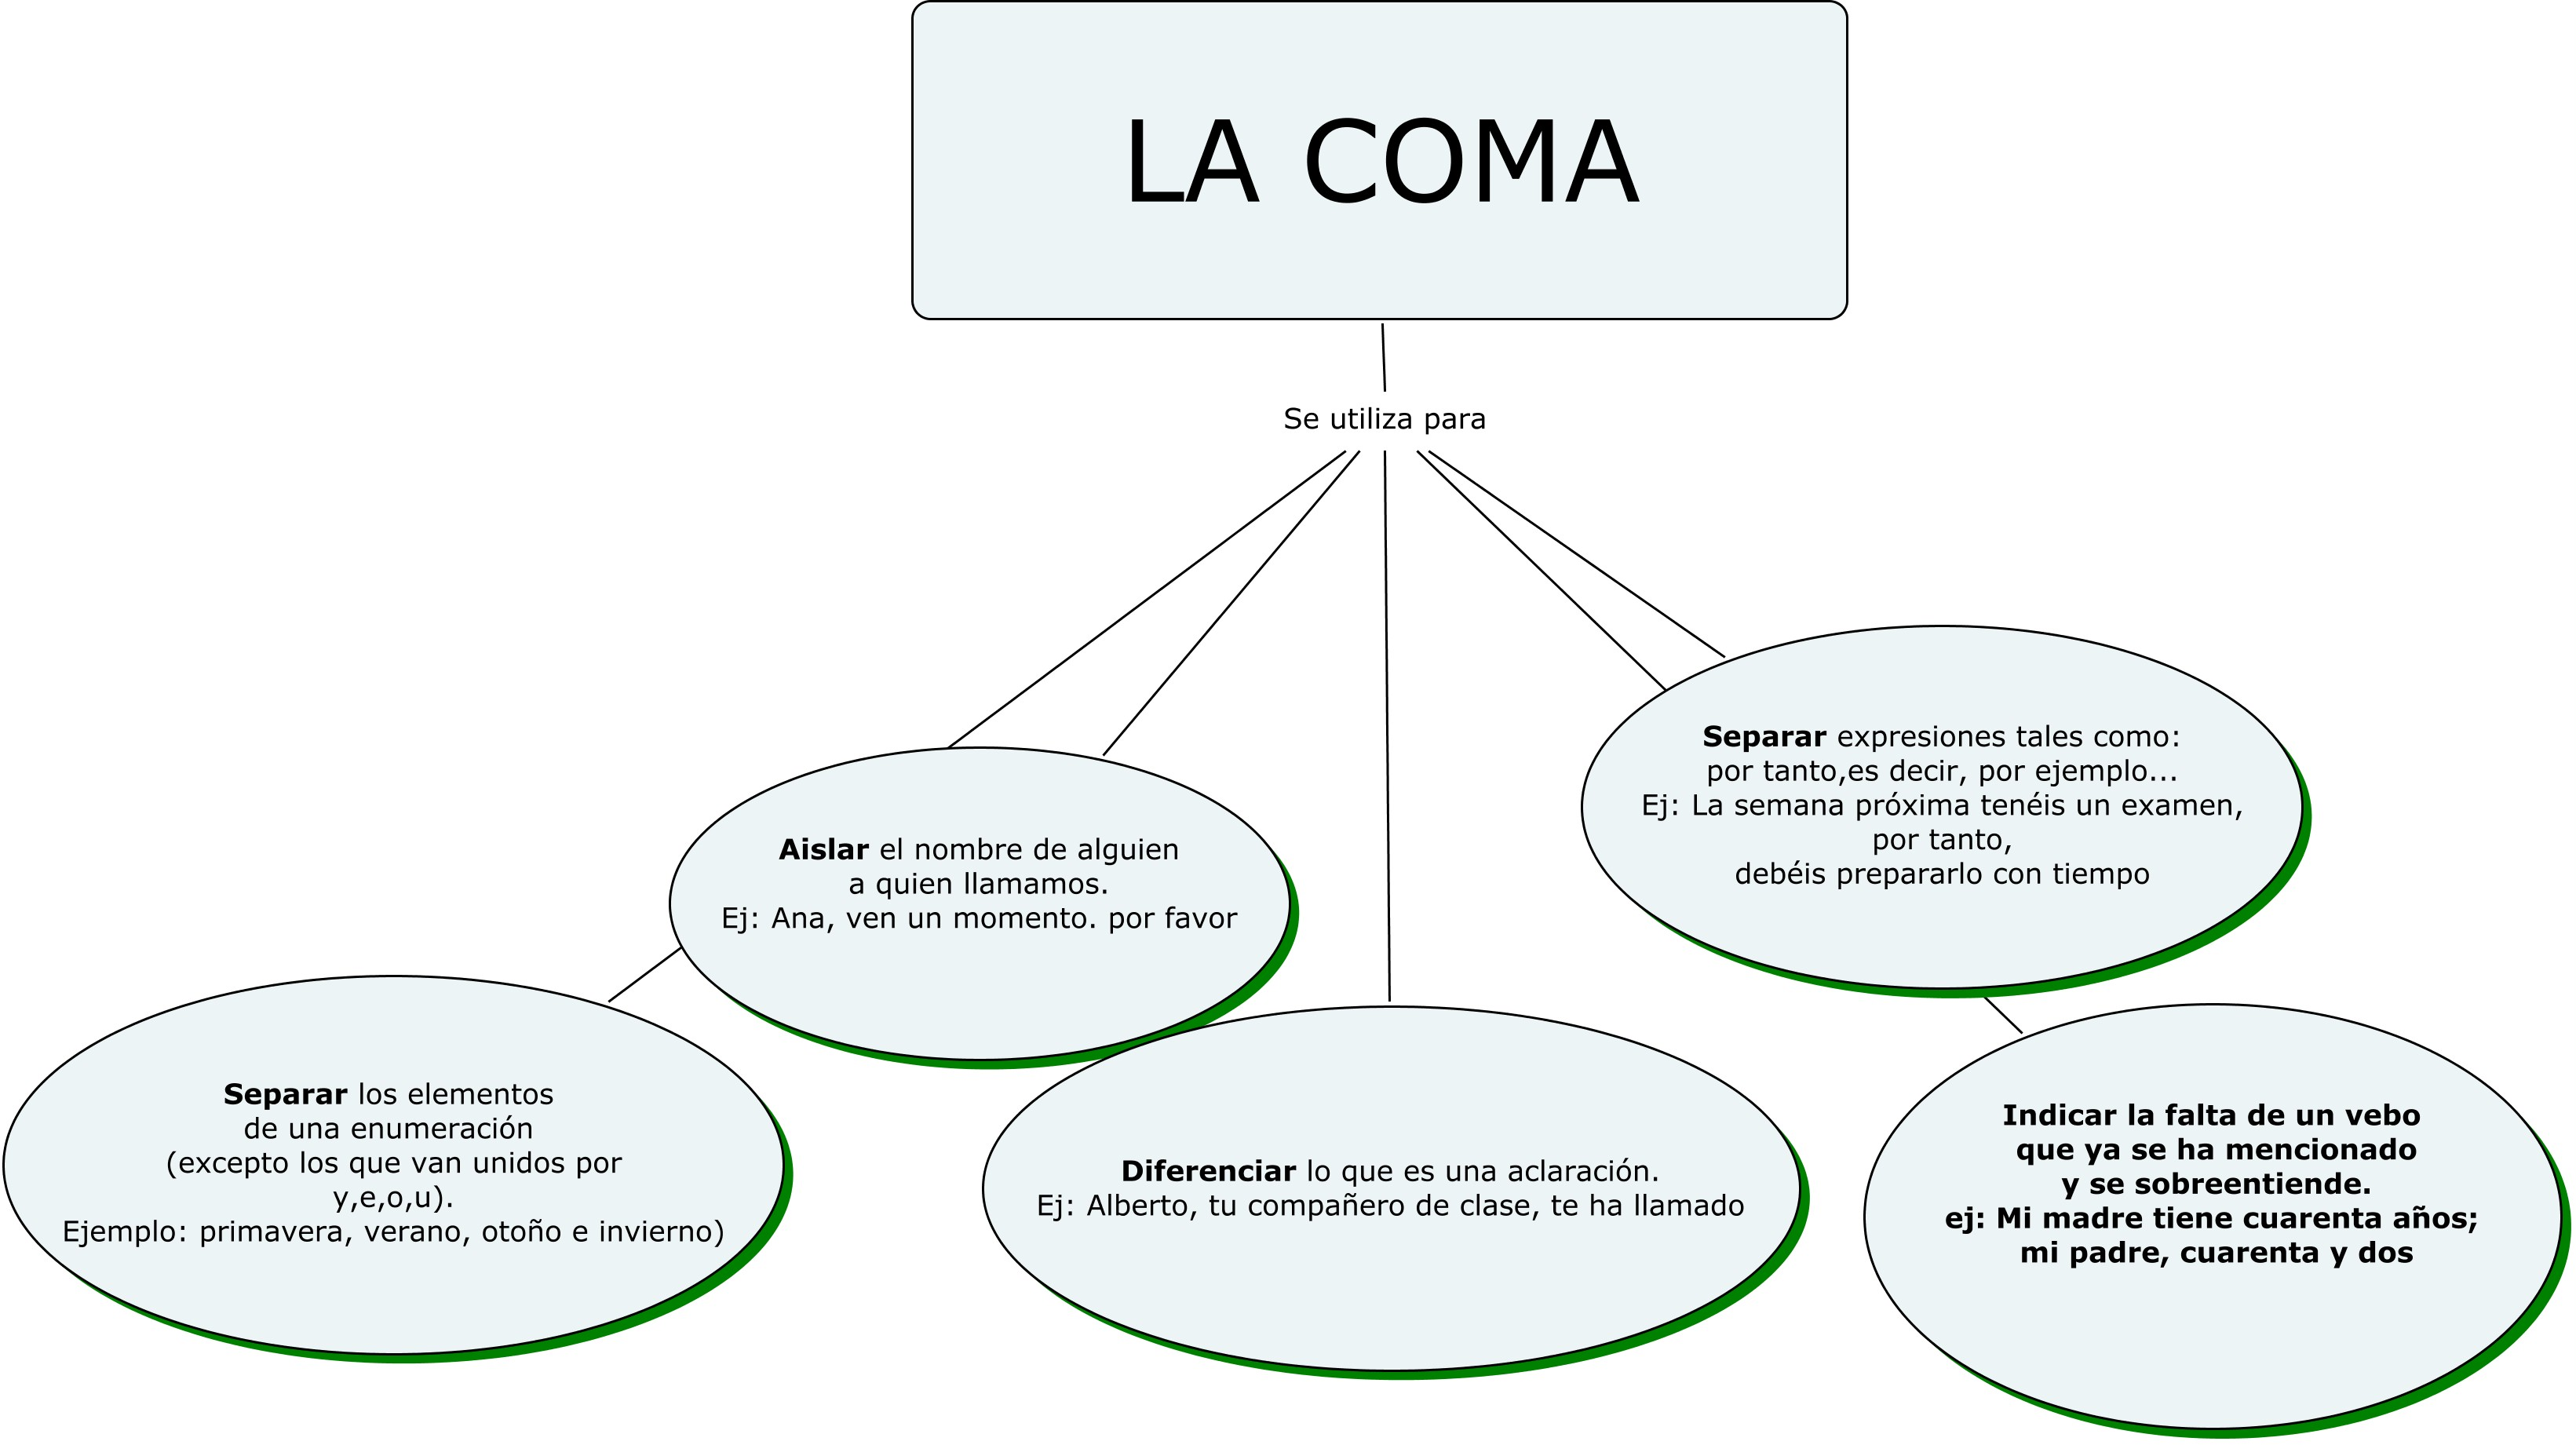 la coma y sus clase: